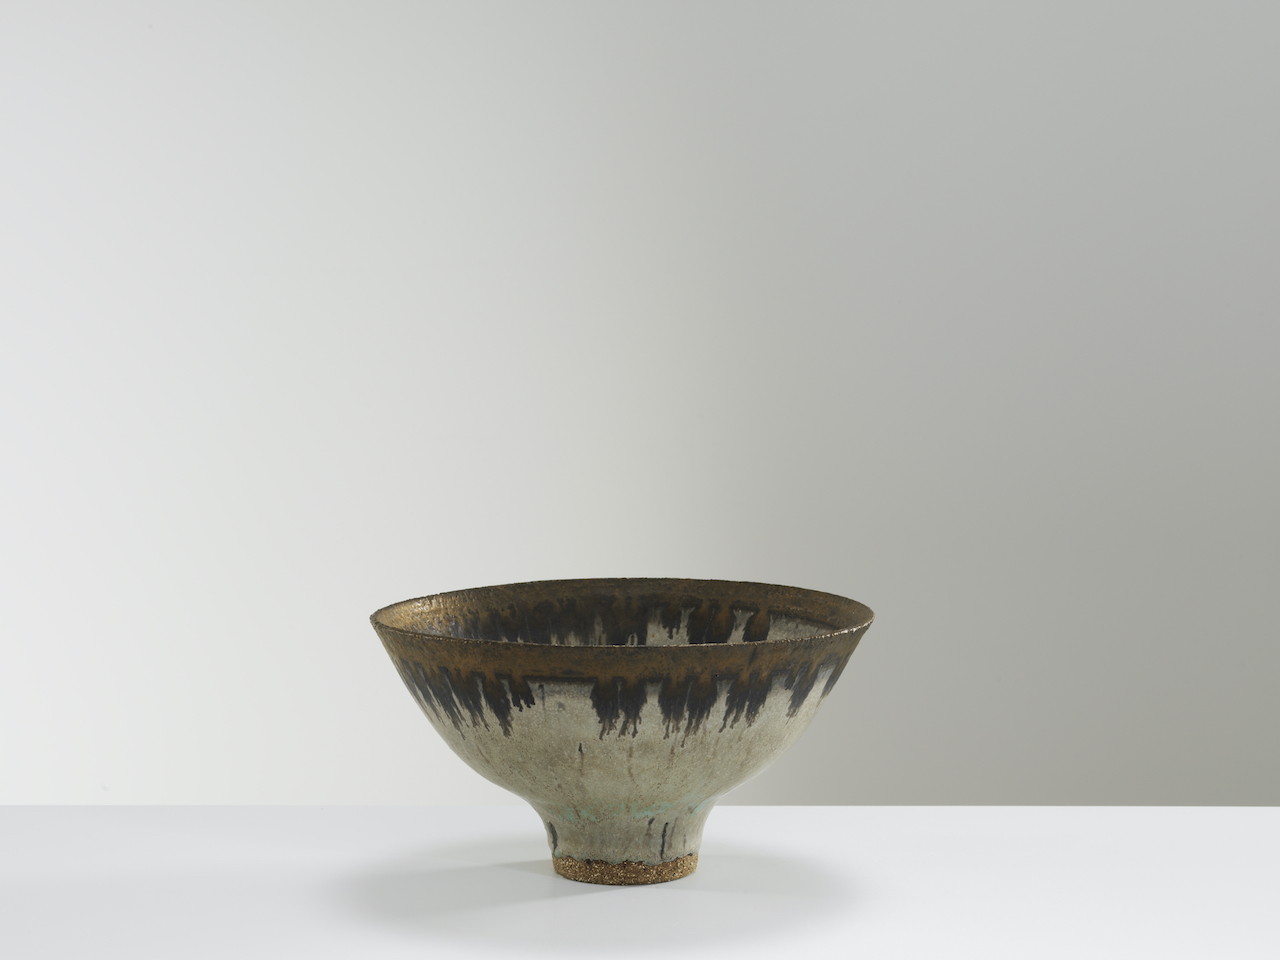 Lucie Rie, Bowl with bronze rim, c1970s. Ceramics, 11 x 20.5 cm. Courtesy of Oxford Ceramics.